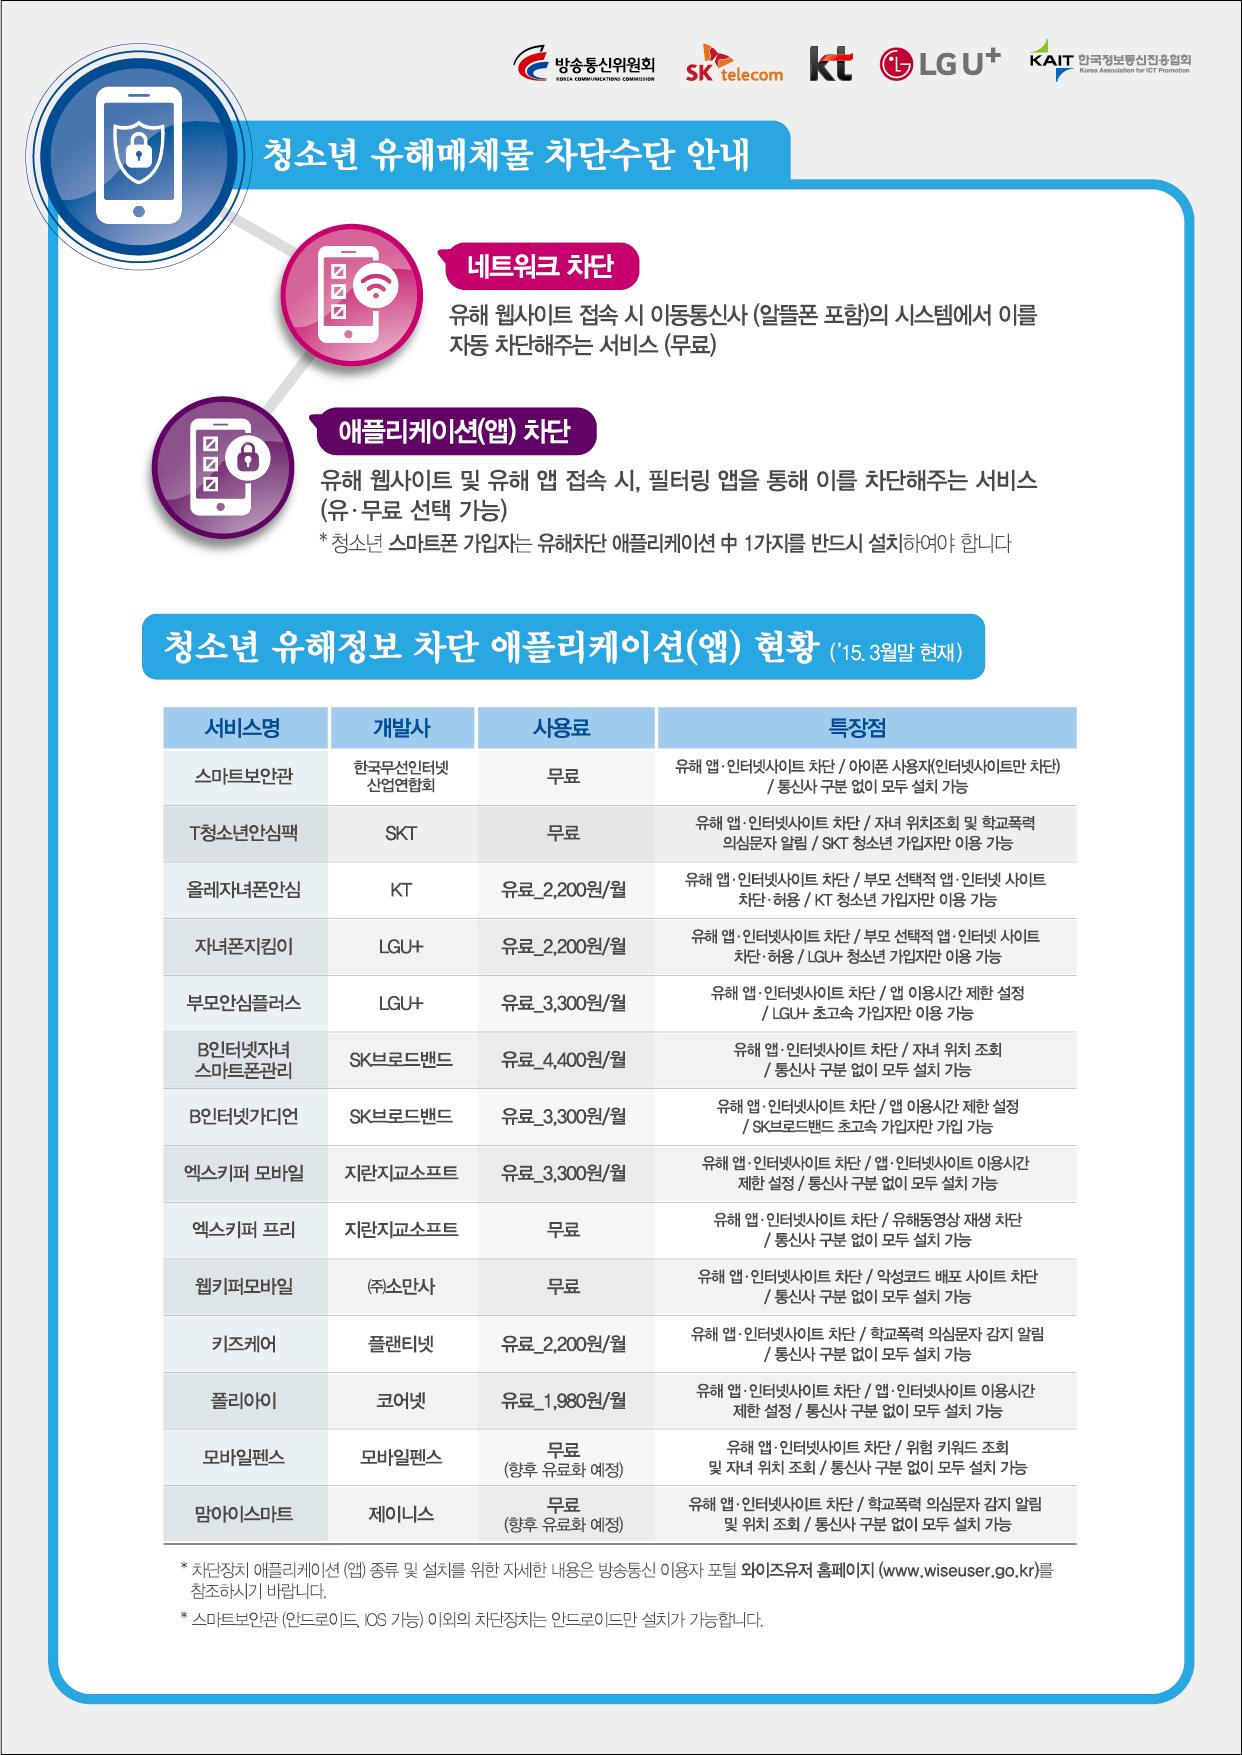 경기도교육청 특성화교육과_차단수단 종류 안내문.jpg